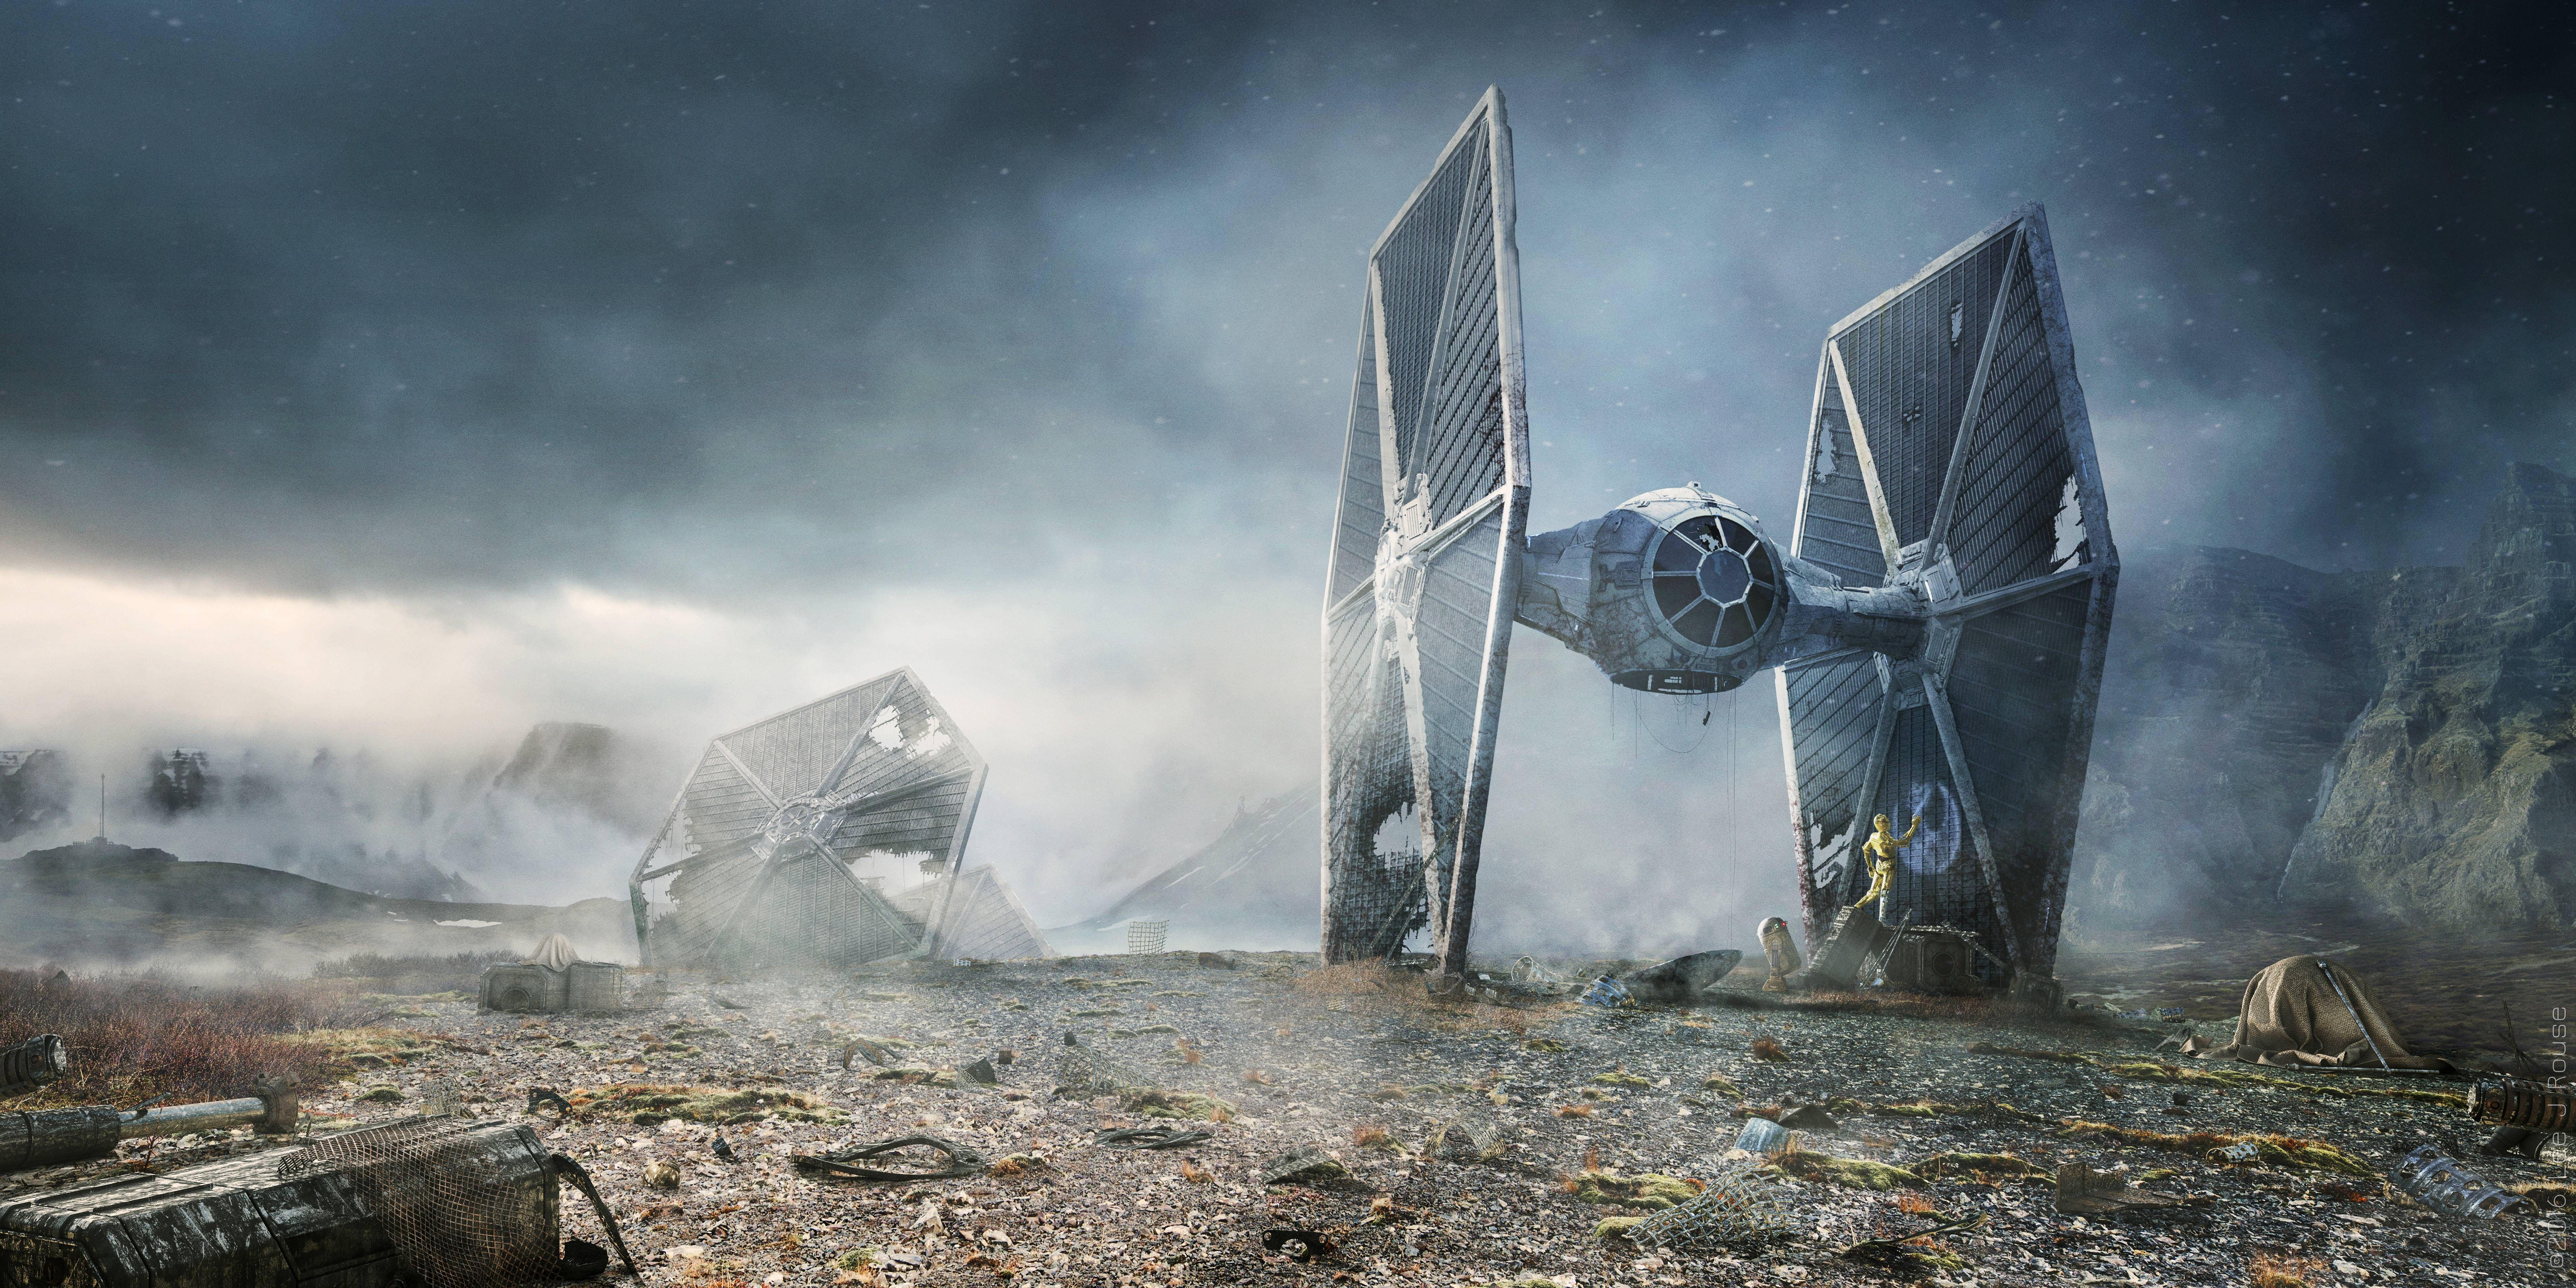 Star Wars Wallpaper 4k 1920x1080